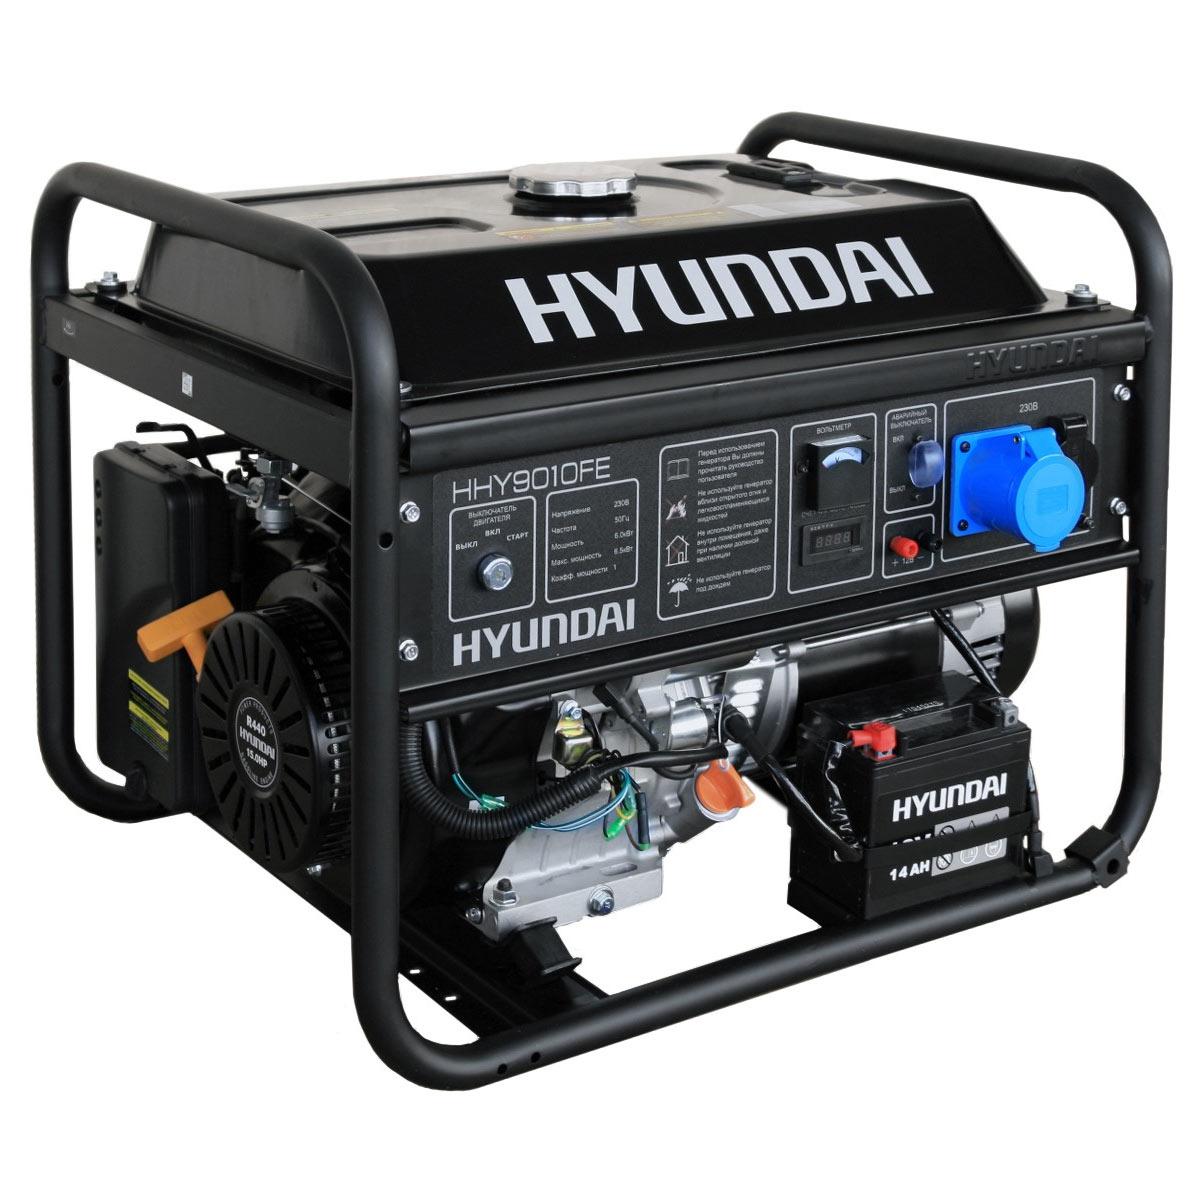 бензогенератор хундай hyundai инструкция